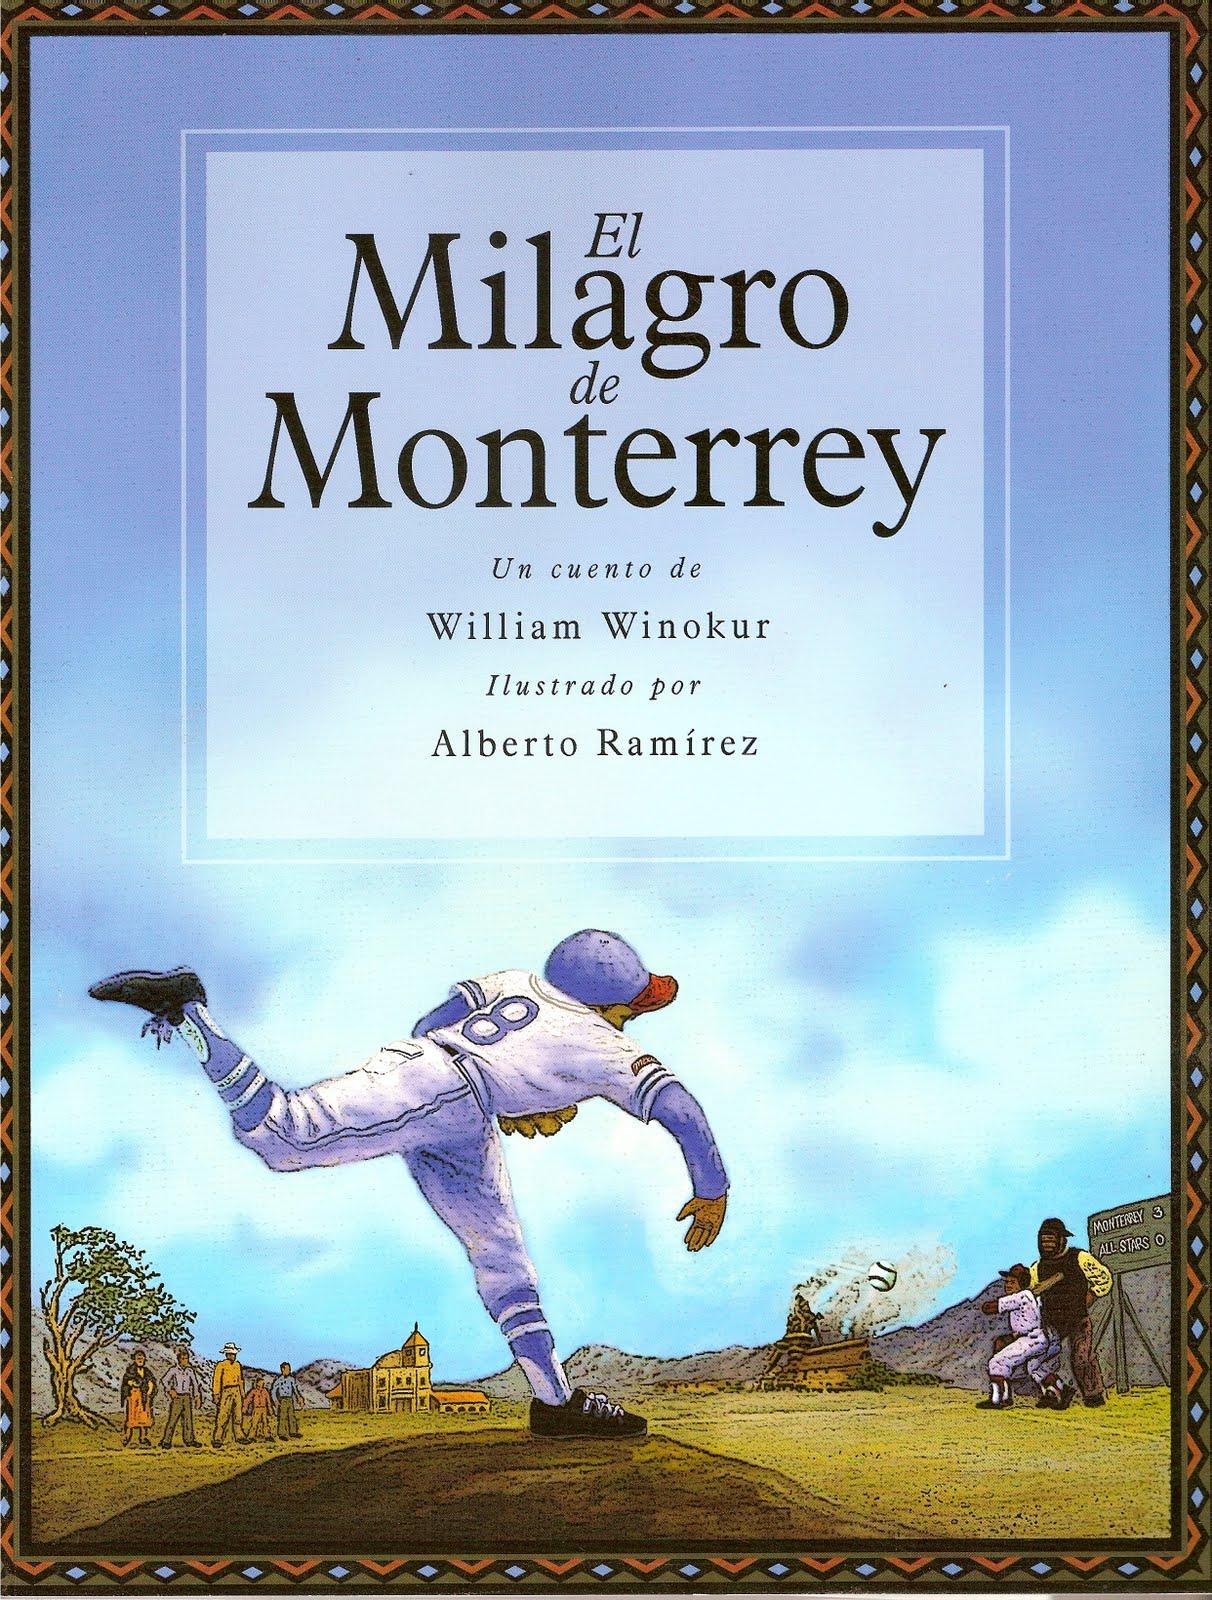 El Milagro de Monterrey